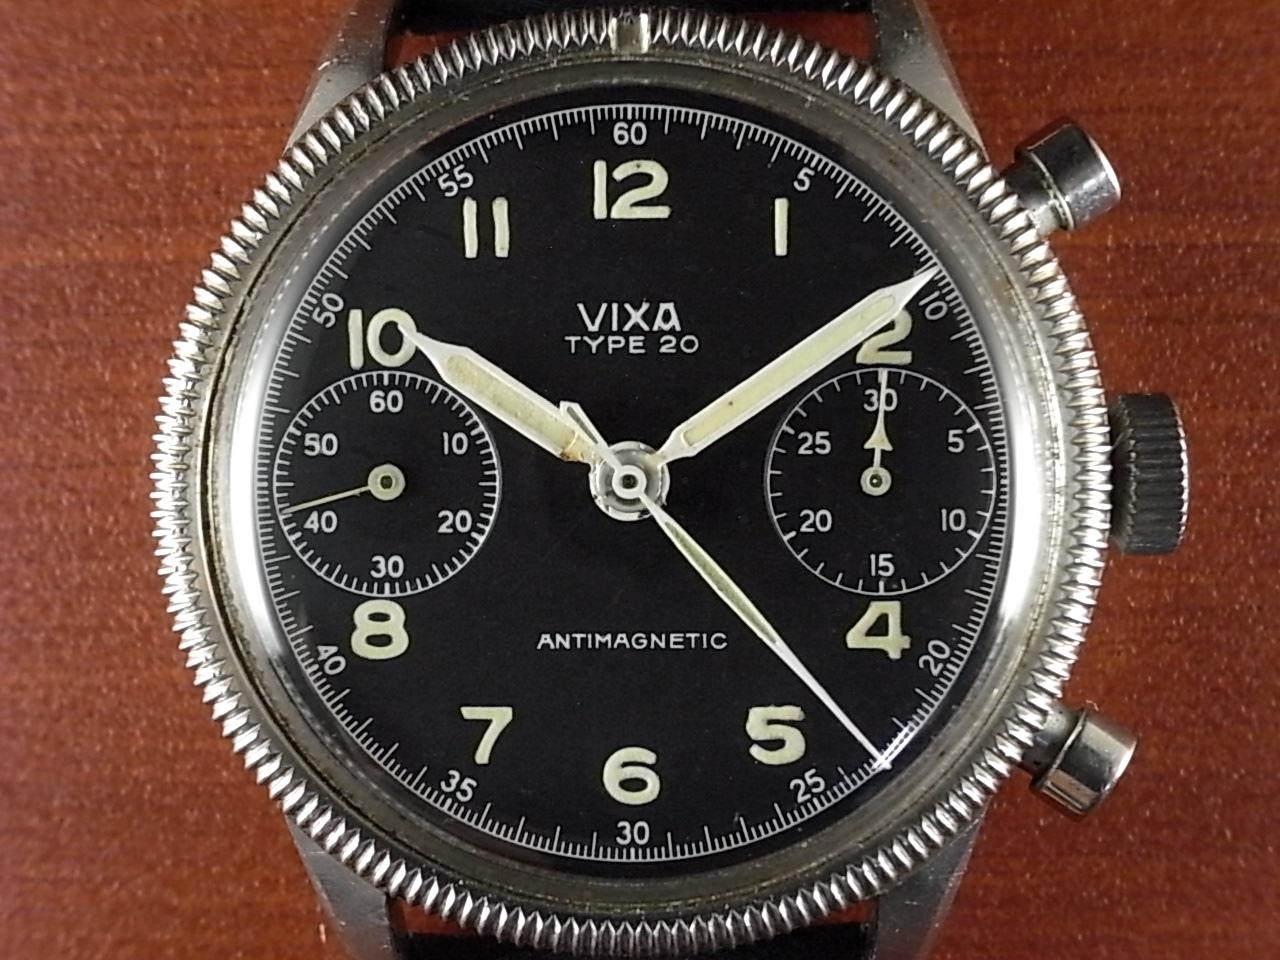 VIXA ヴィクサ ミリタリー タイプ20 フランス空軍 フライバッククロノグラフ 1950年代の写真2枚目